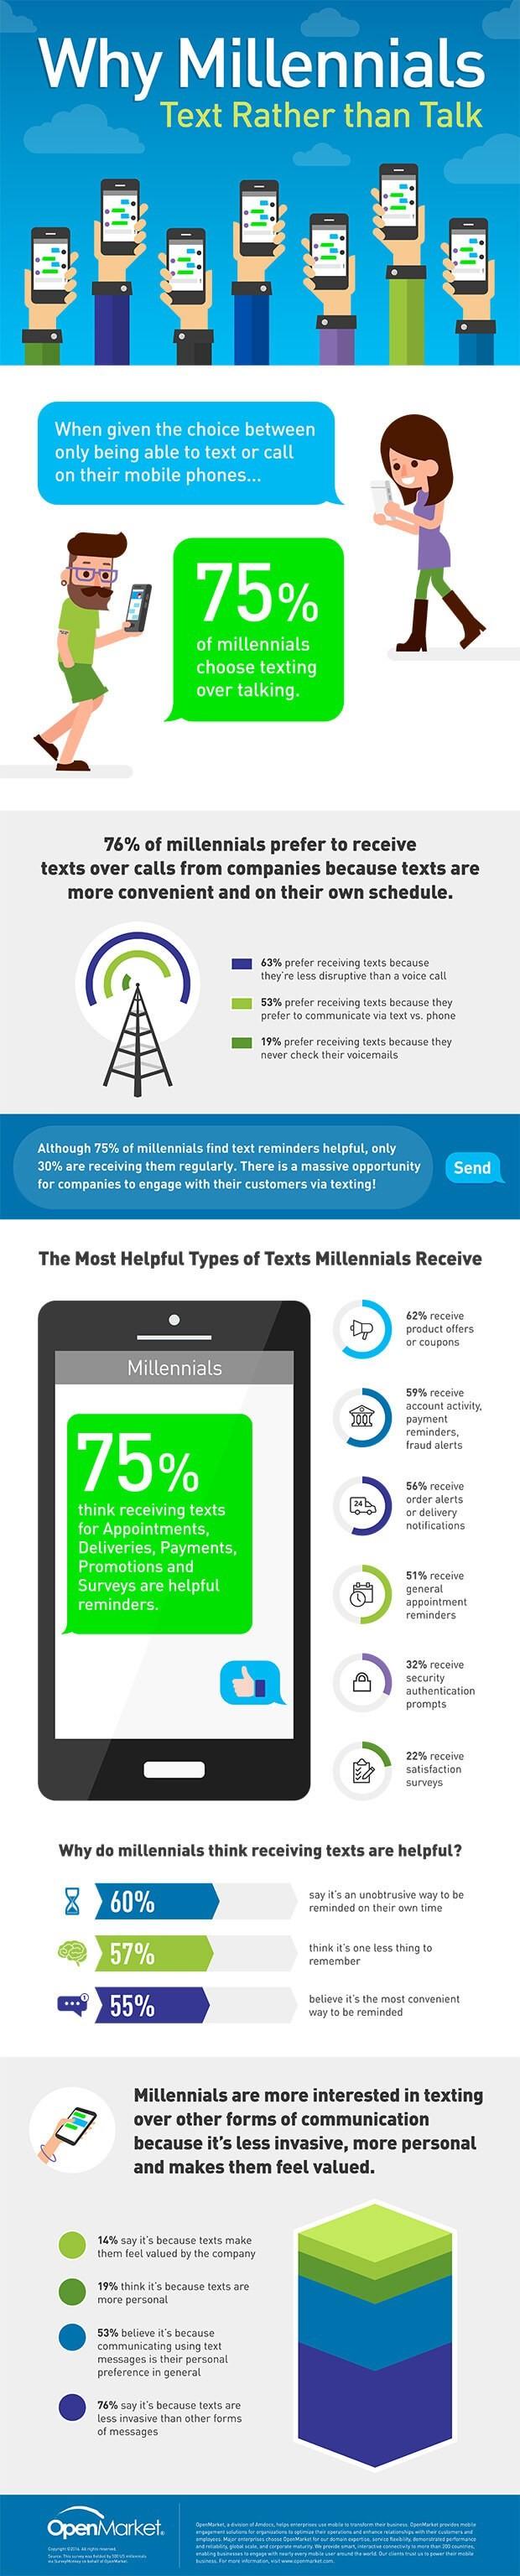 Why Millennials Text